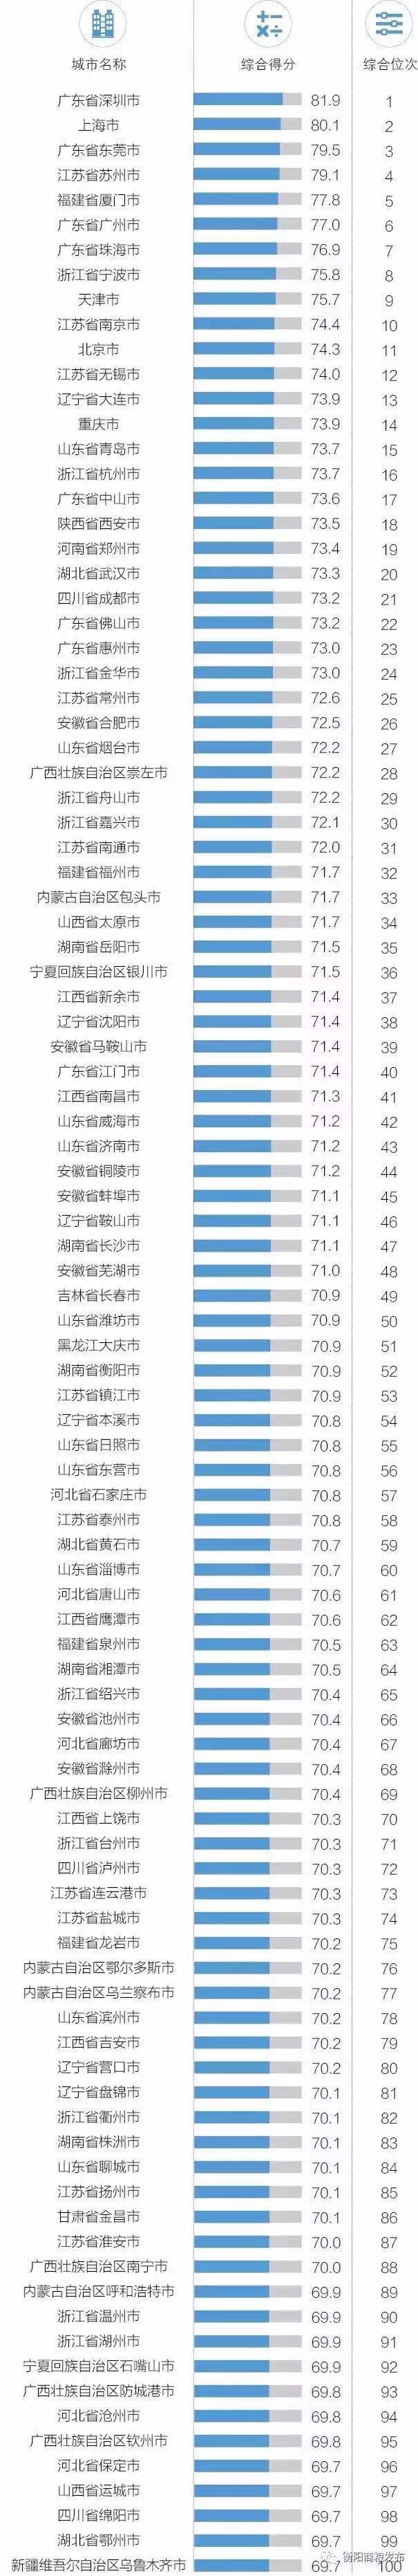 """第52位!衡阳再次跻身""""中国外贸百强城市"""""""